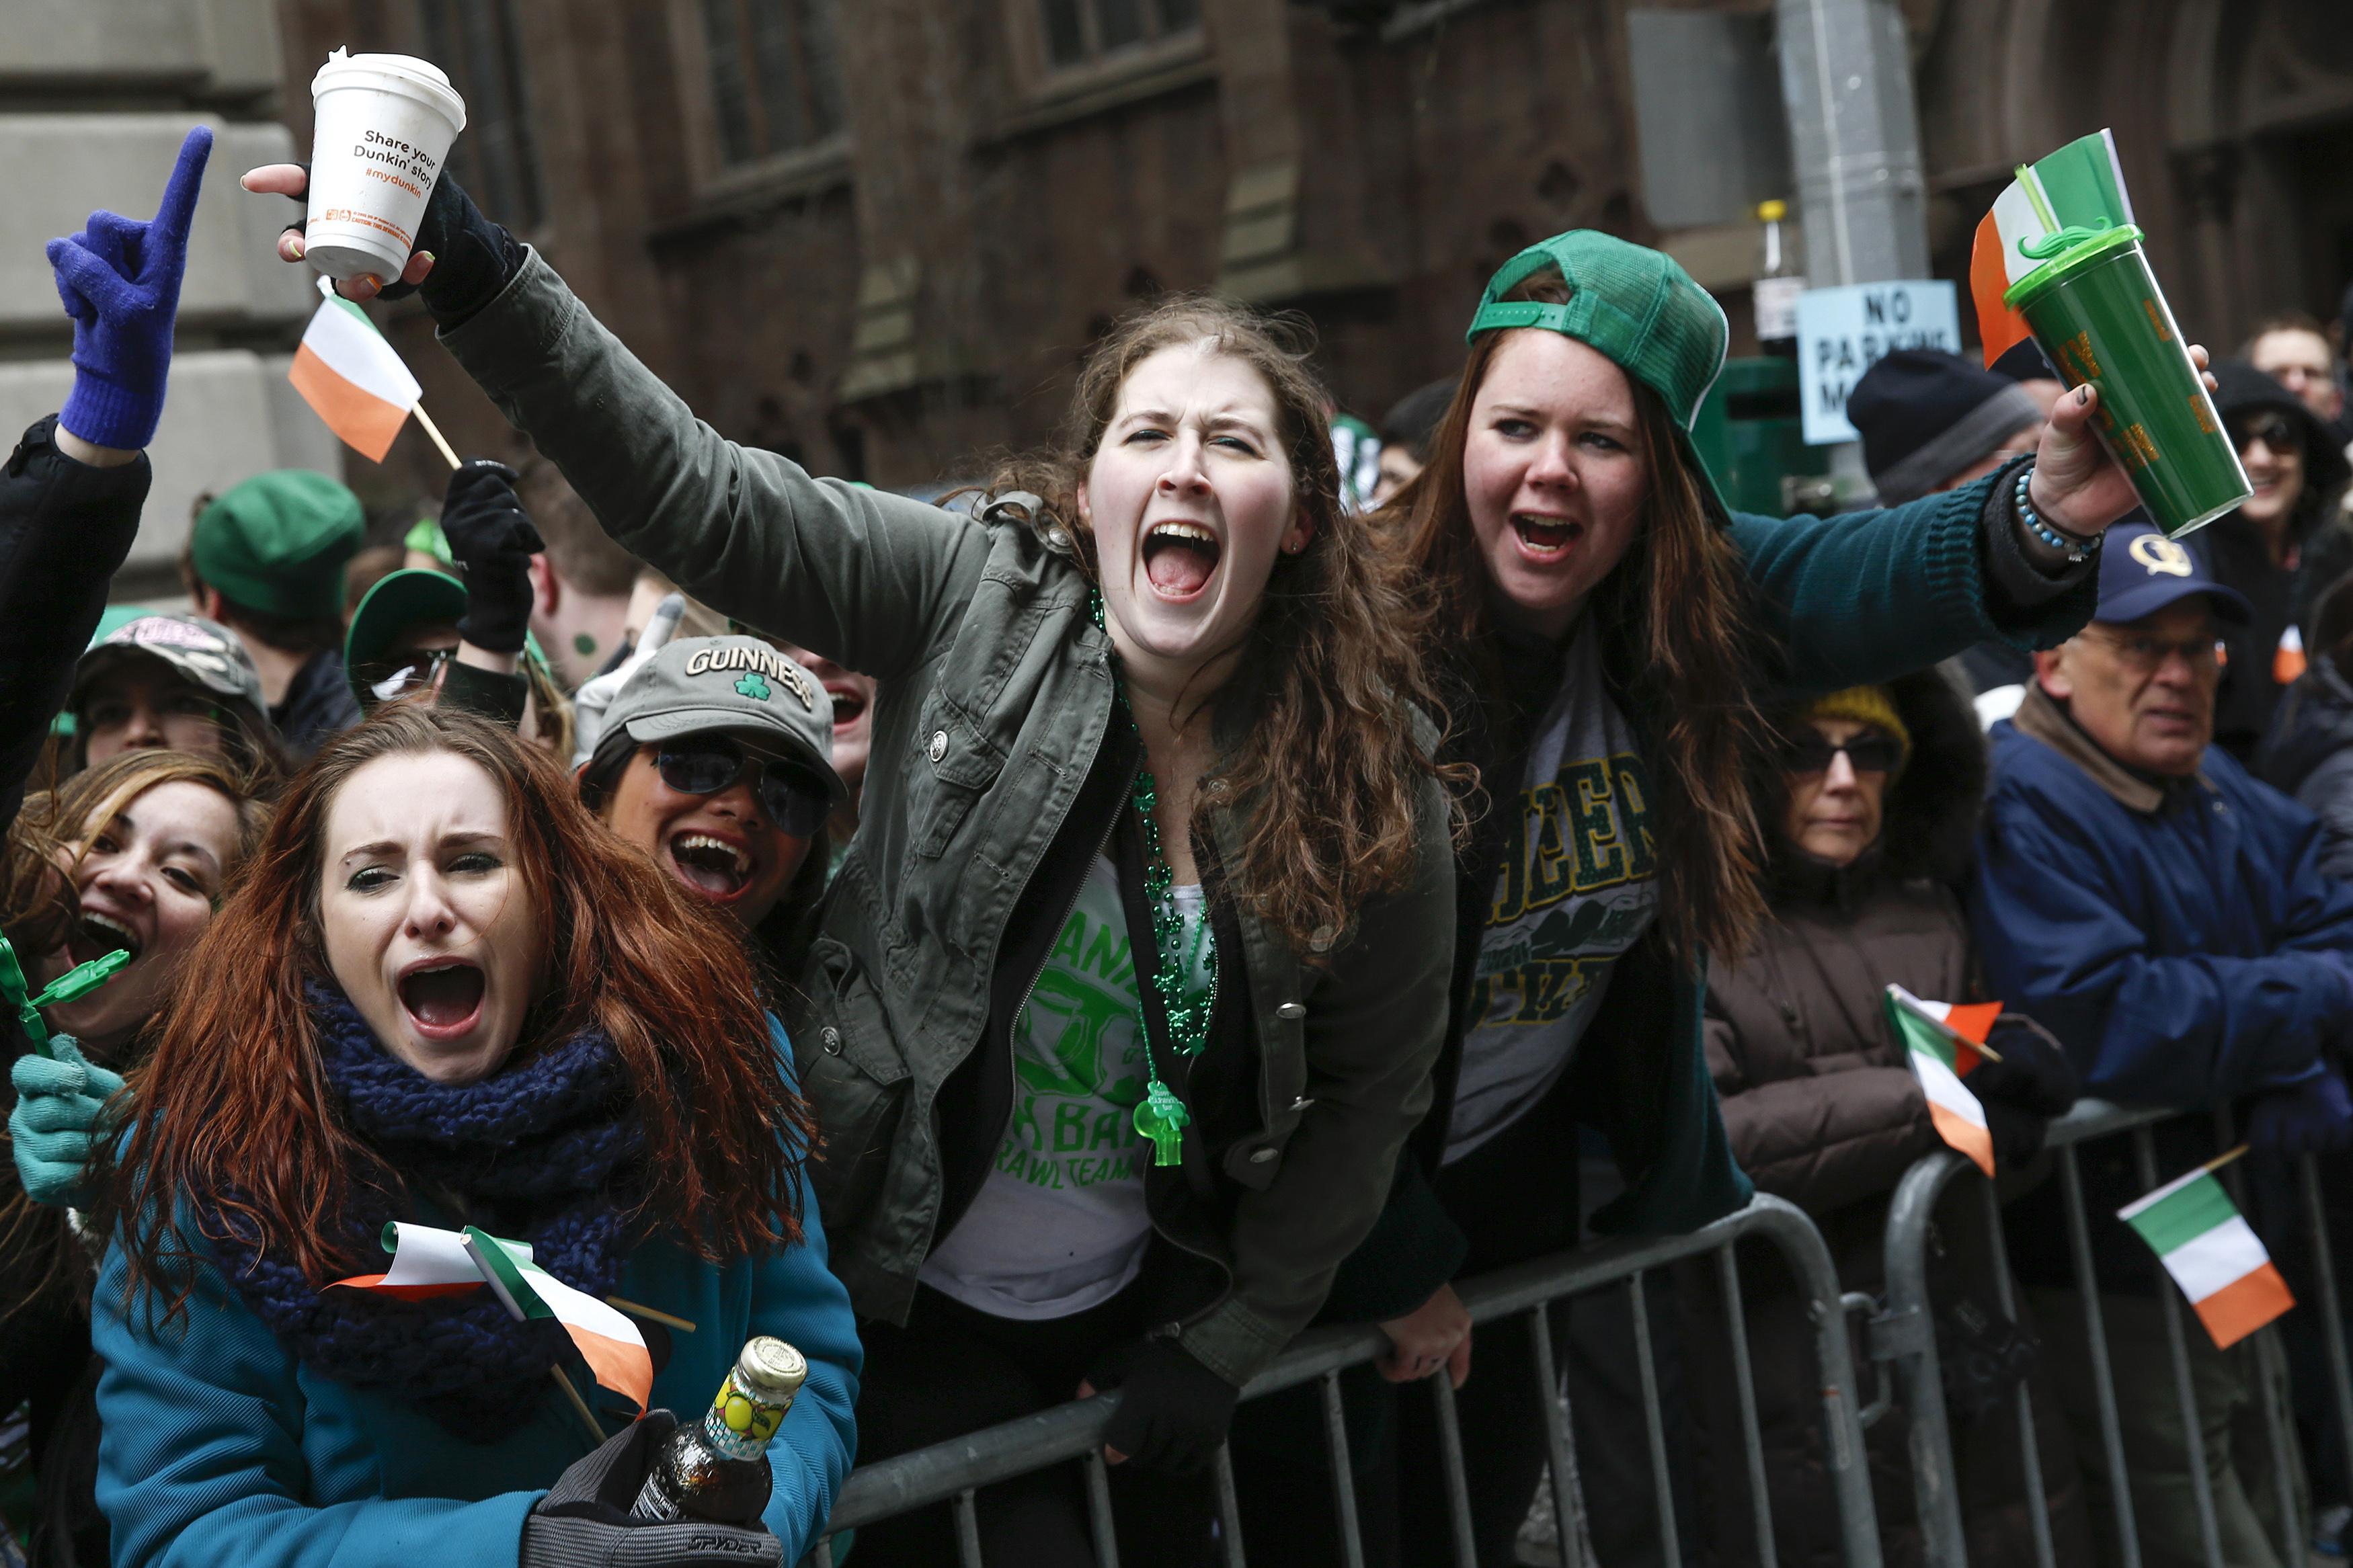 Público participa da parada pelo Dia de São Patrício, em Nova York (EUA) | Shannon Stapleton/Reuters